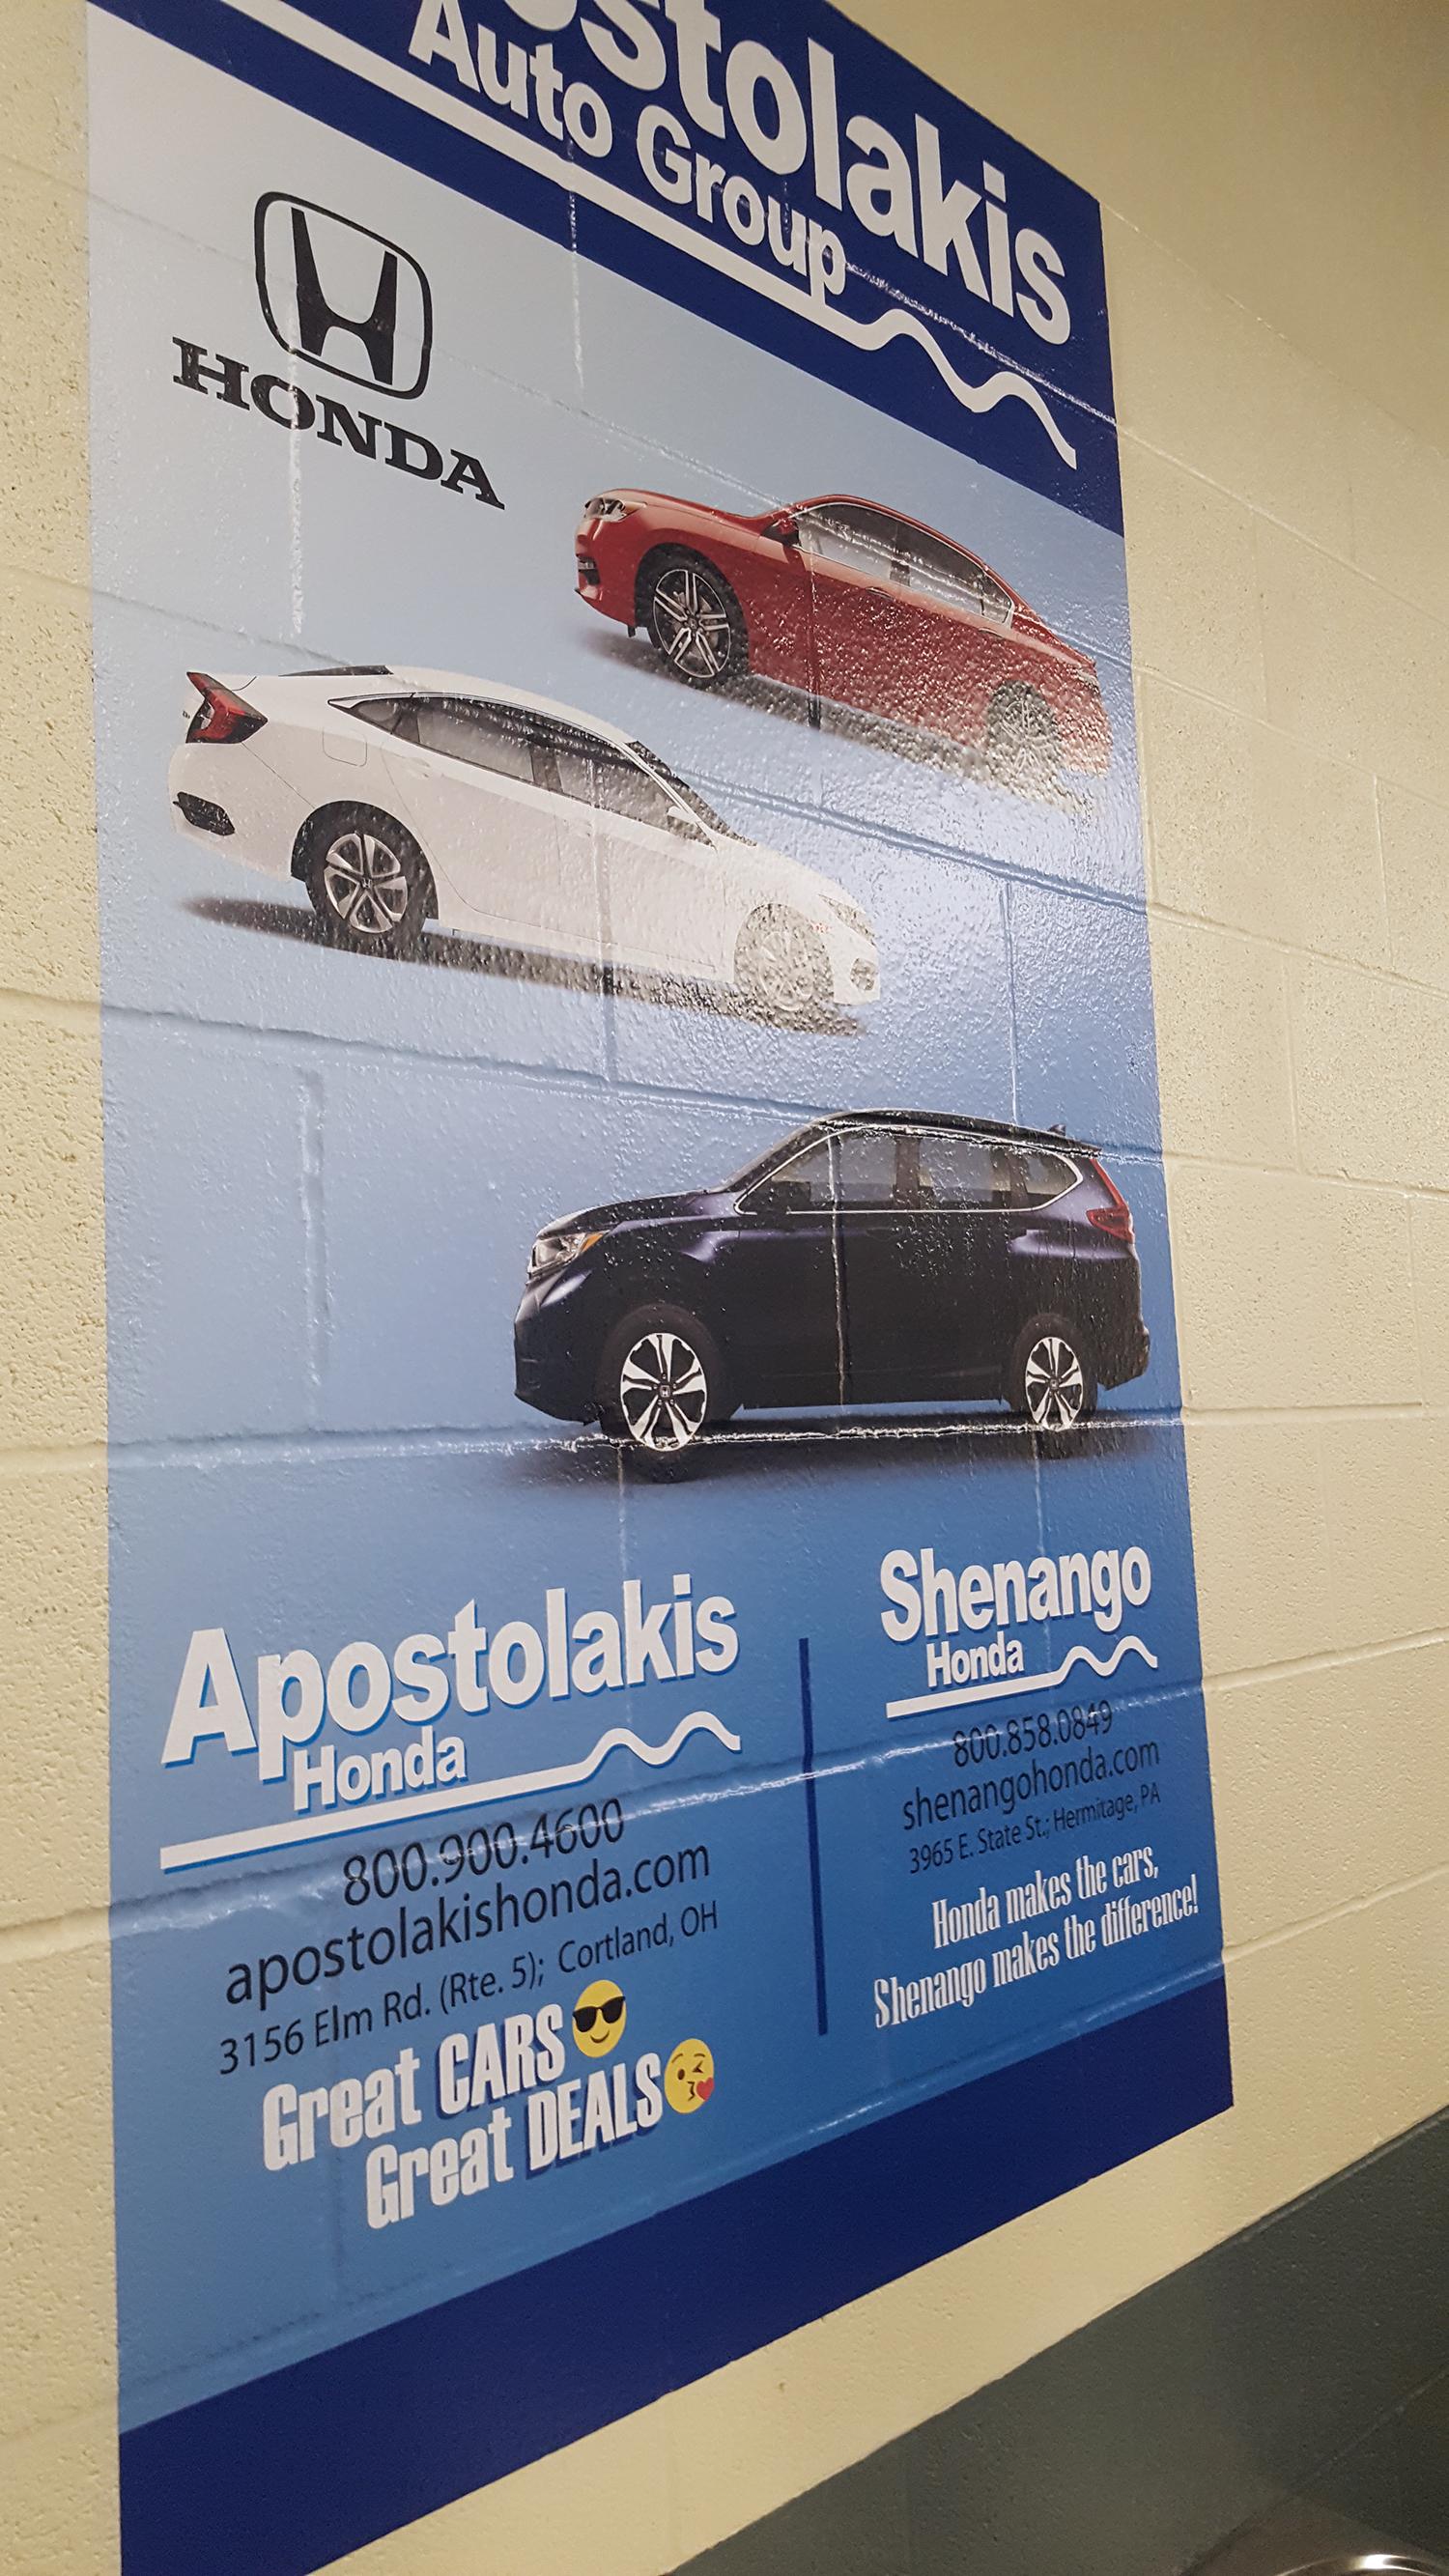 Client: Apostolakis Auto Group